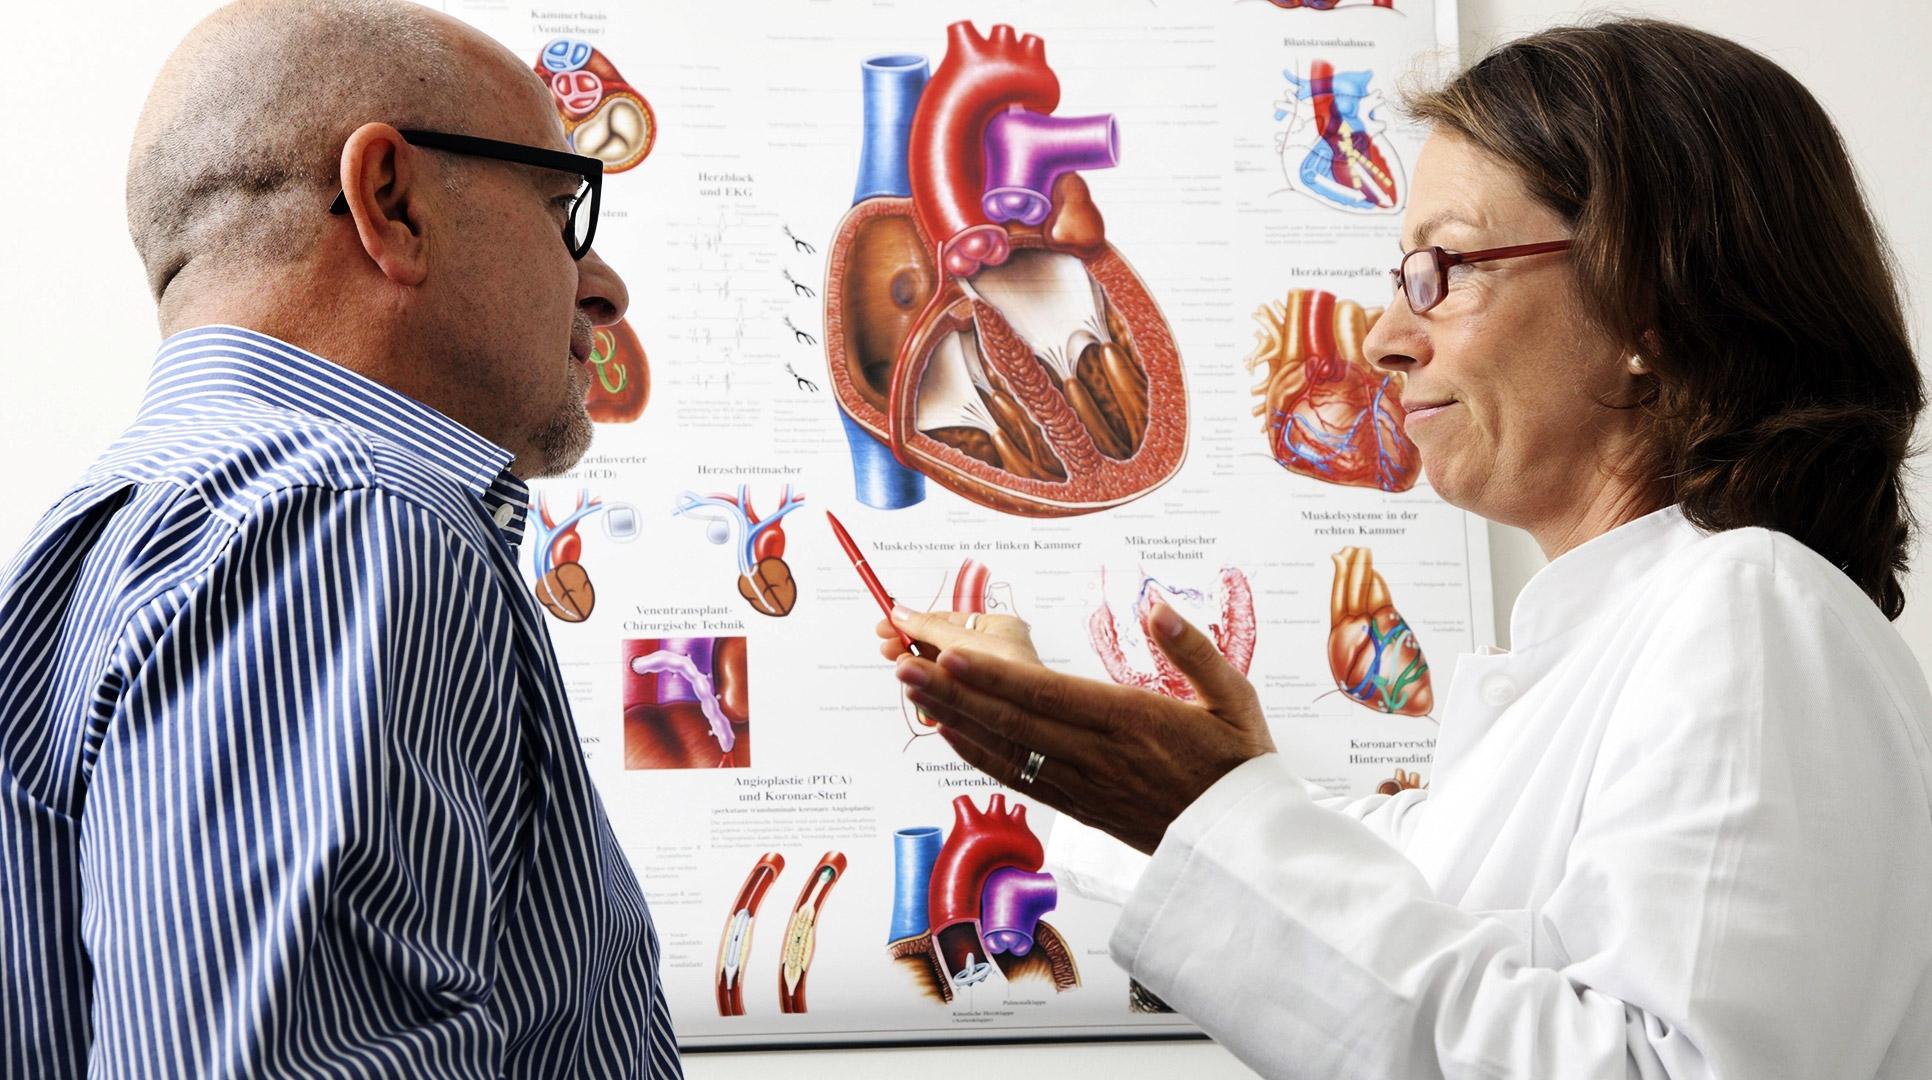 Wie heißt ein hörender Arzt?